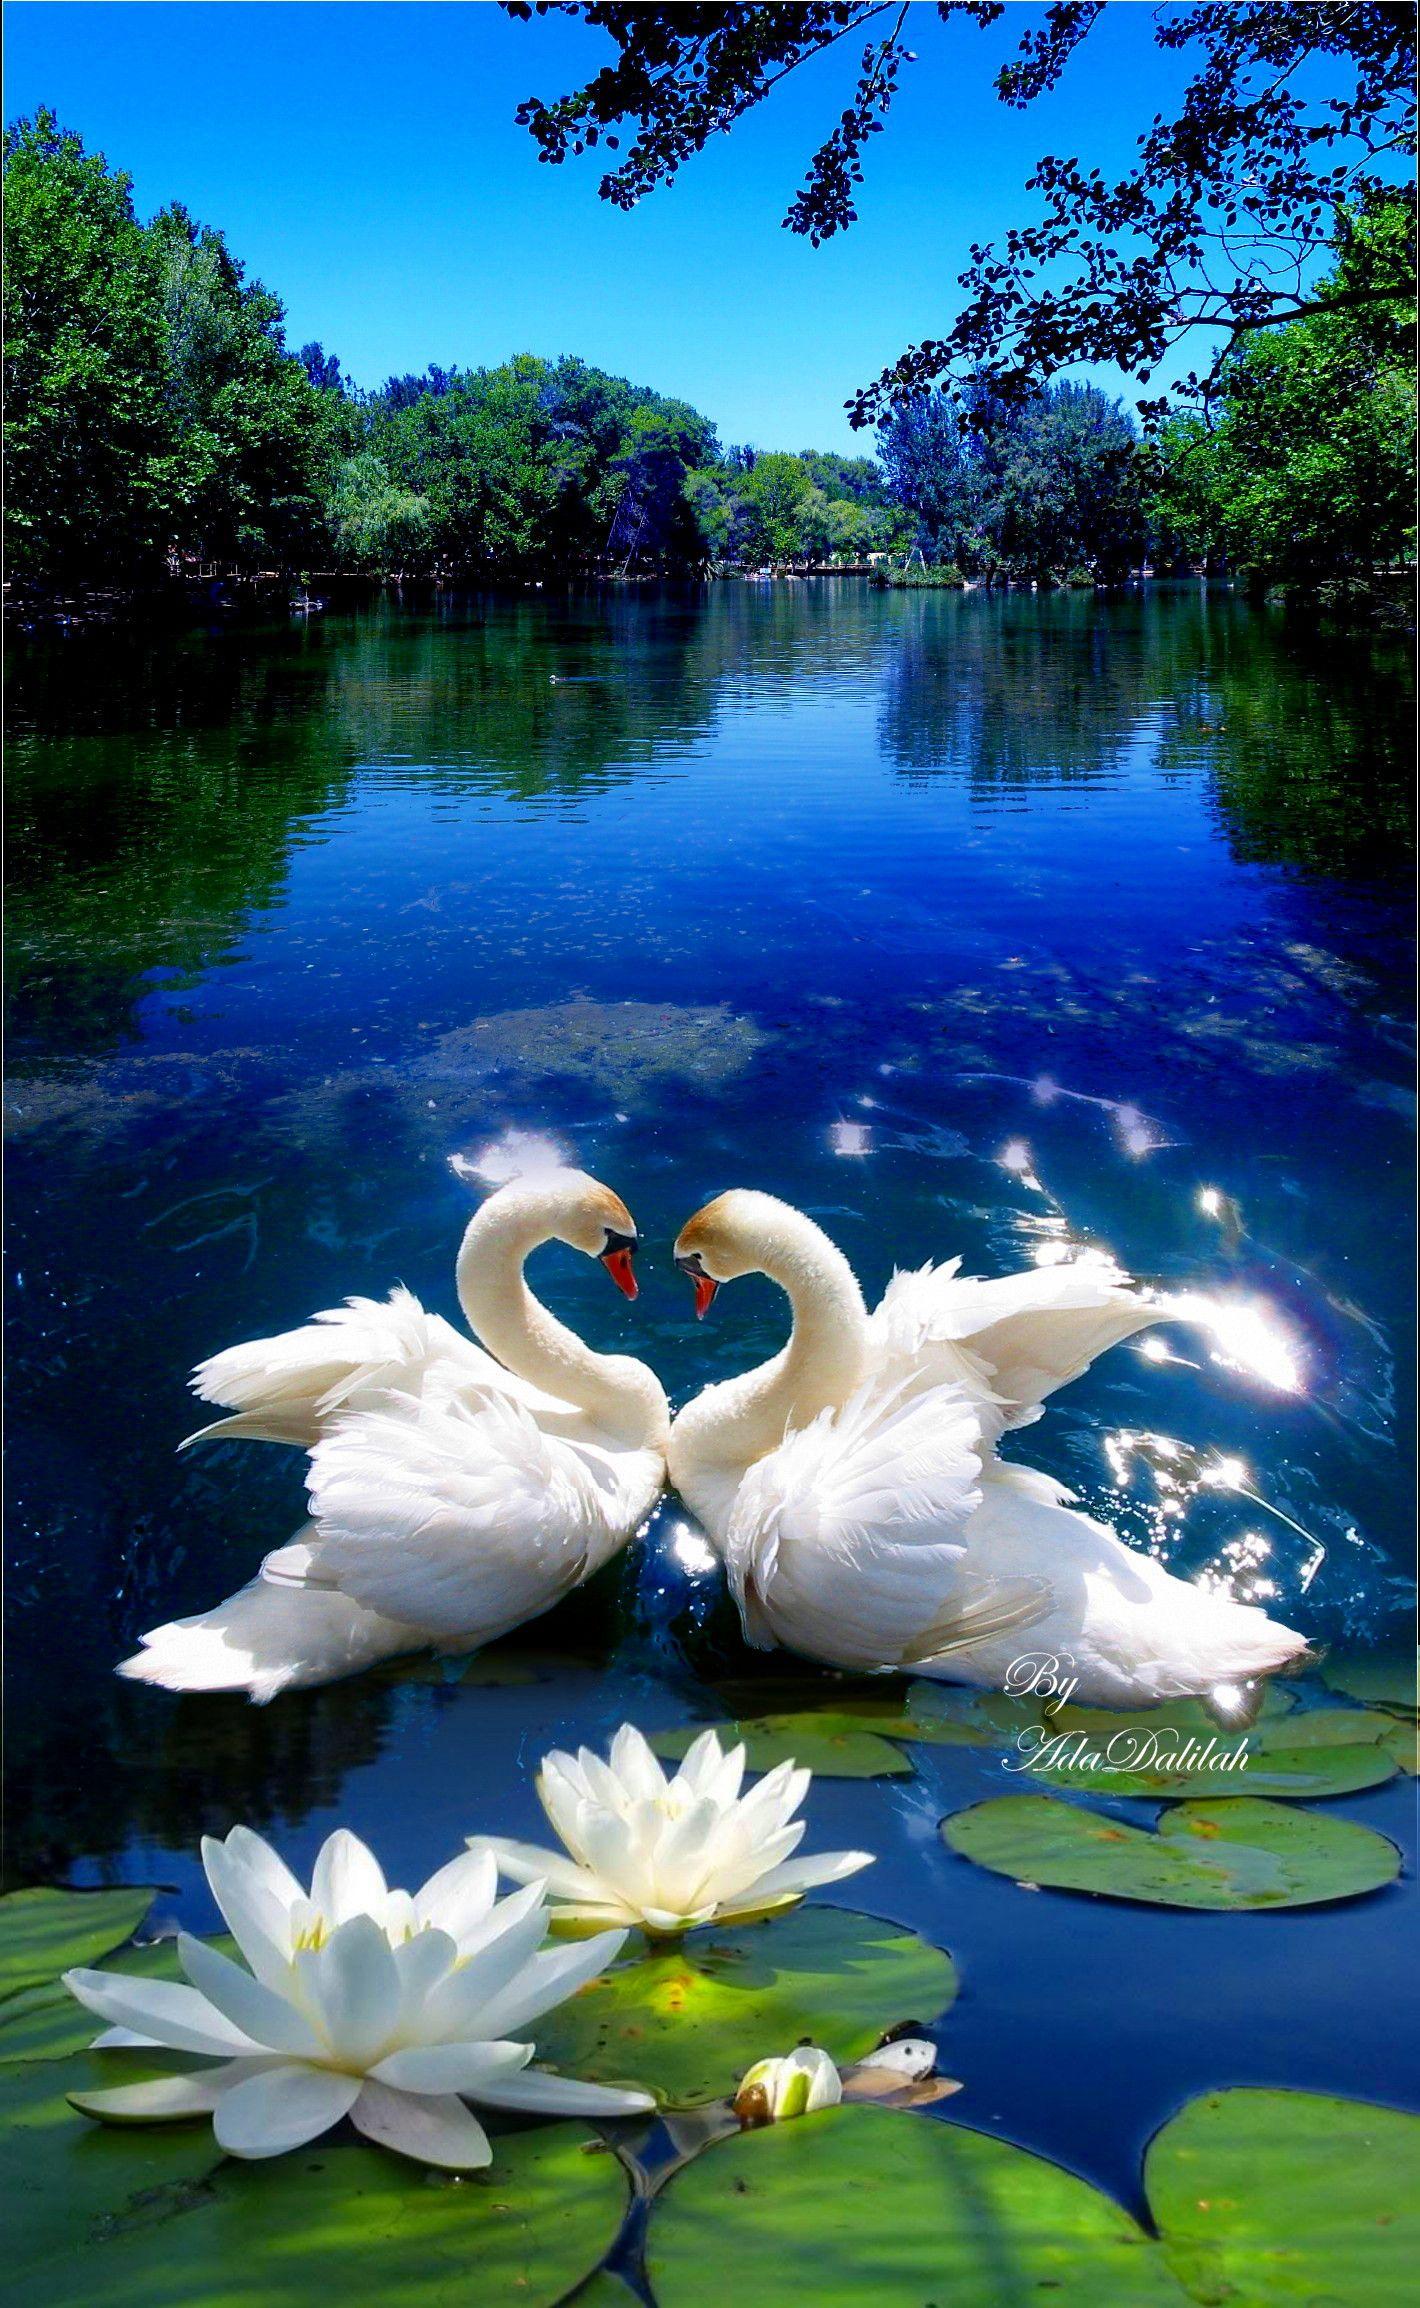 Pin By Llorenc Roviras On Cigne Beautiful Scenery Pictures Beautiful Birds Scenery Pictures